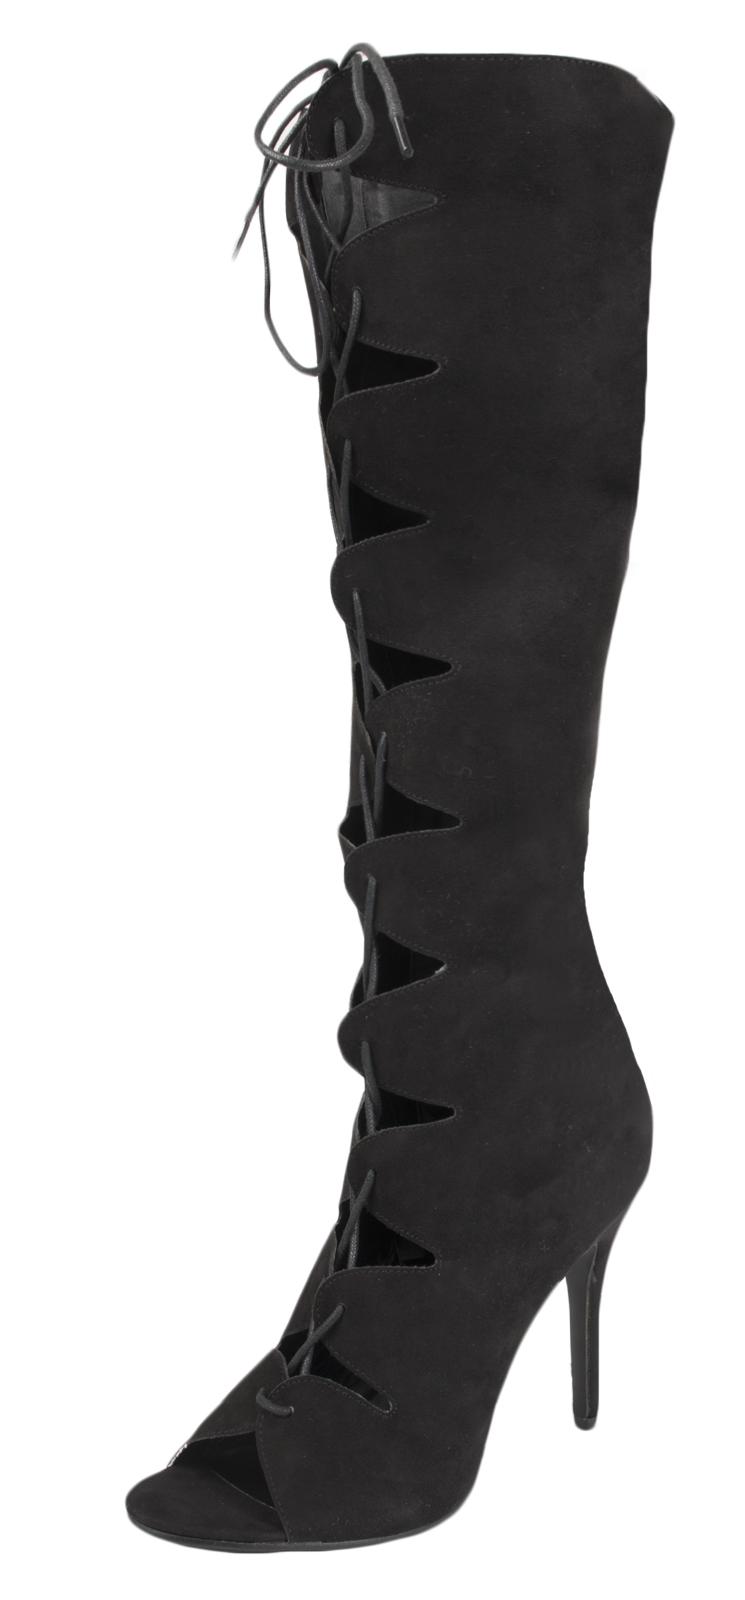 Mujer Botas Hasta La Rodilla Zapato Taco Alto Peeptoe corte Sandalias Señoras Tamaño